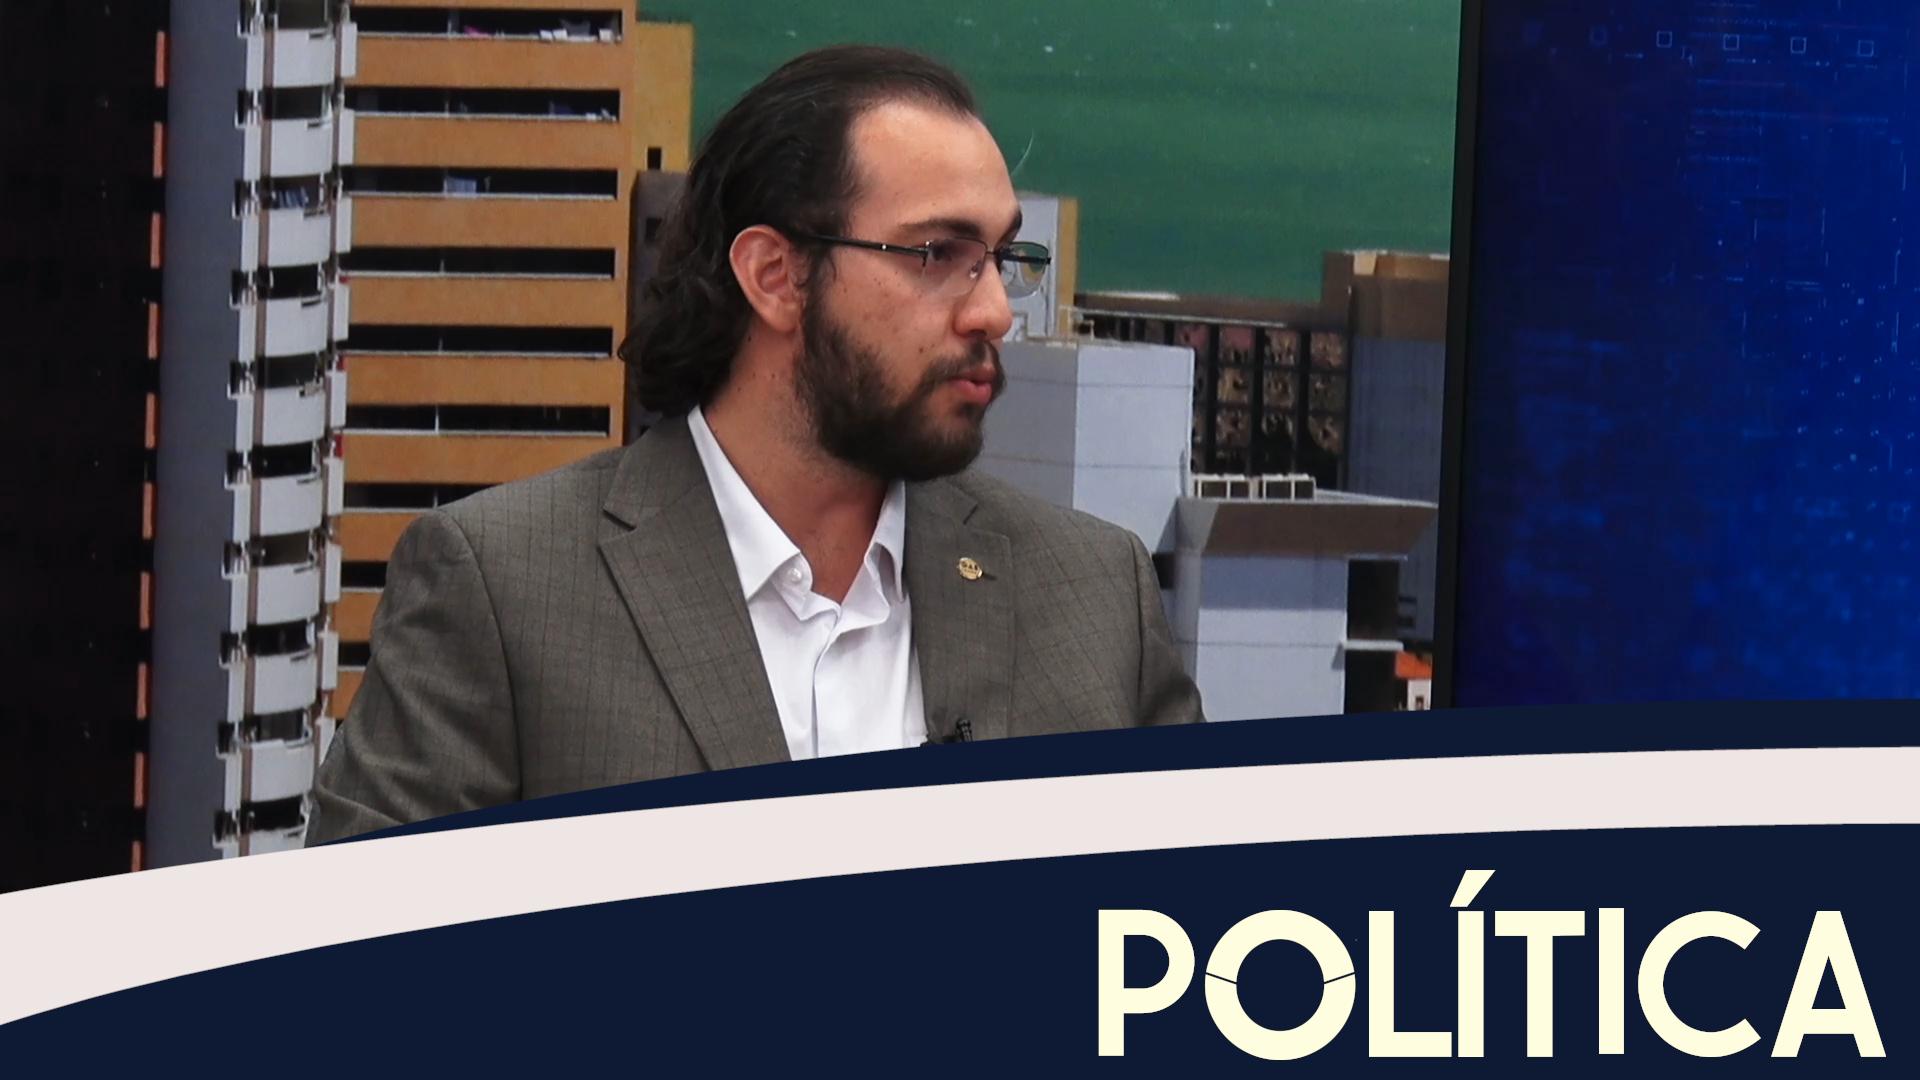 Política entrevista, Isaac Andrade, pres. comissão do estudos politica OAB-CE